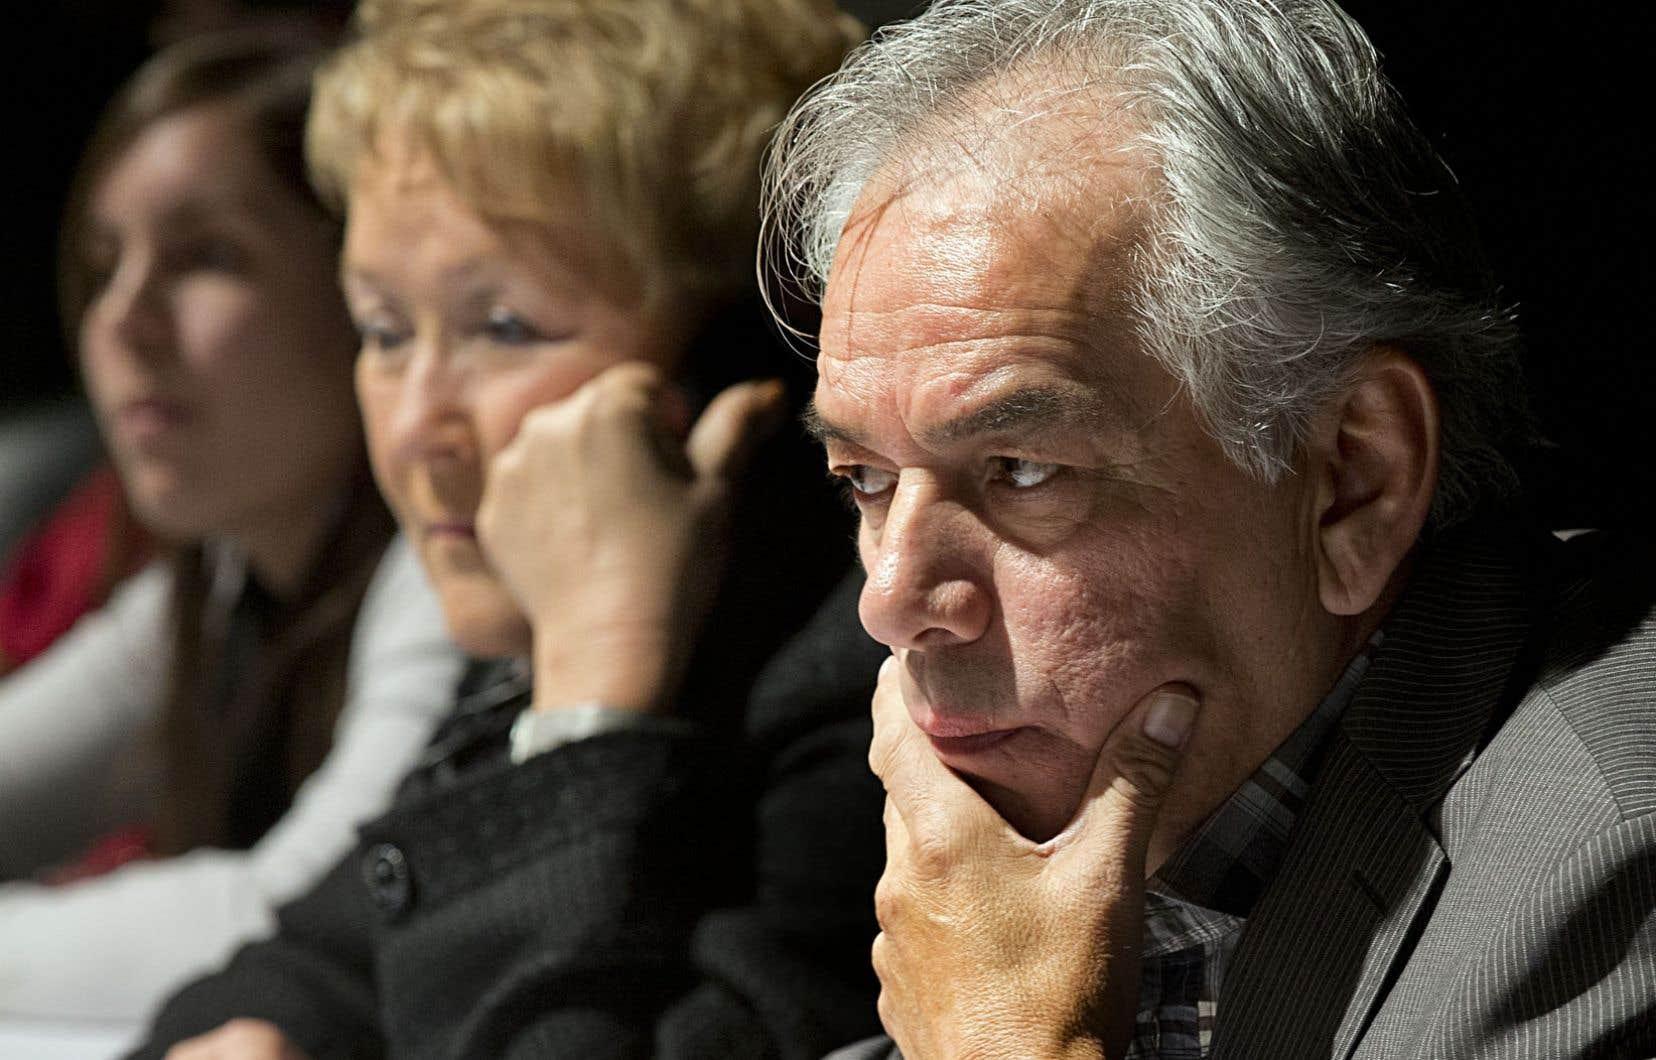 Au terme du Sommet sur les territoires et les ressources en décembre 2012, Pauline Marois et Ghislain Picard avaient tenu un point de presse au cours duquel la première ministre disait vouloir négocier de nation à nation avec les Premières Nations.